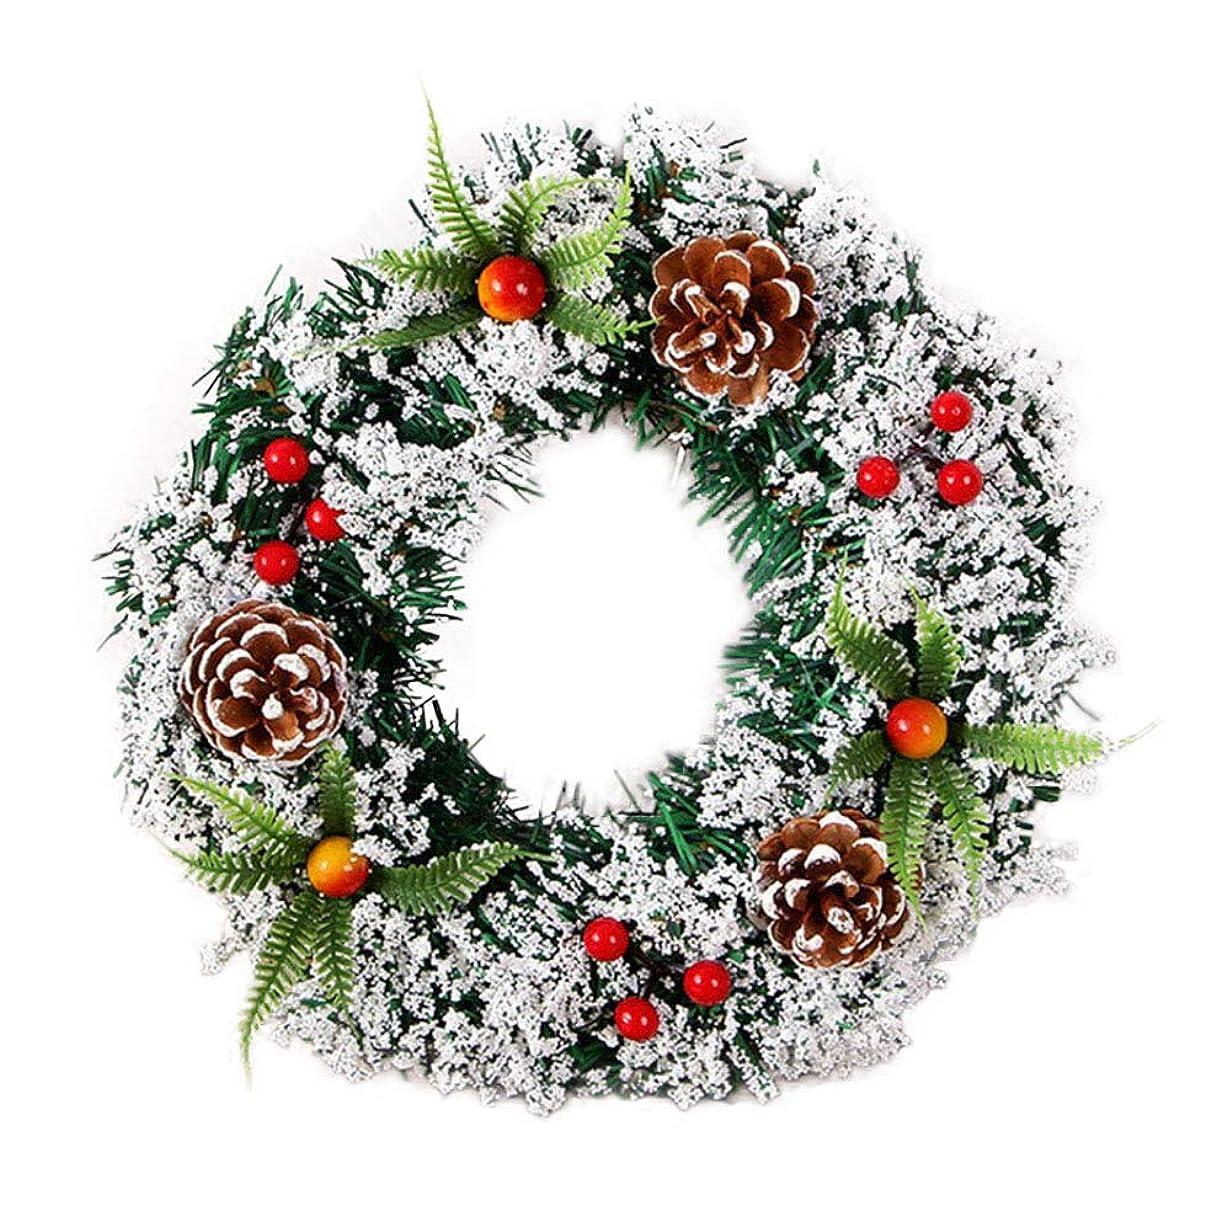 エーカー感謝しているエンジニアLacyie 花輪 造花 ガーランド ドア 壁掛け メリー クリスマス リース クリスマス花輪 装飾輪 ウェディング クリスマス 祝日 装飾 飾り物 おしゃれ